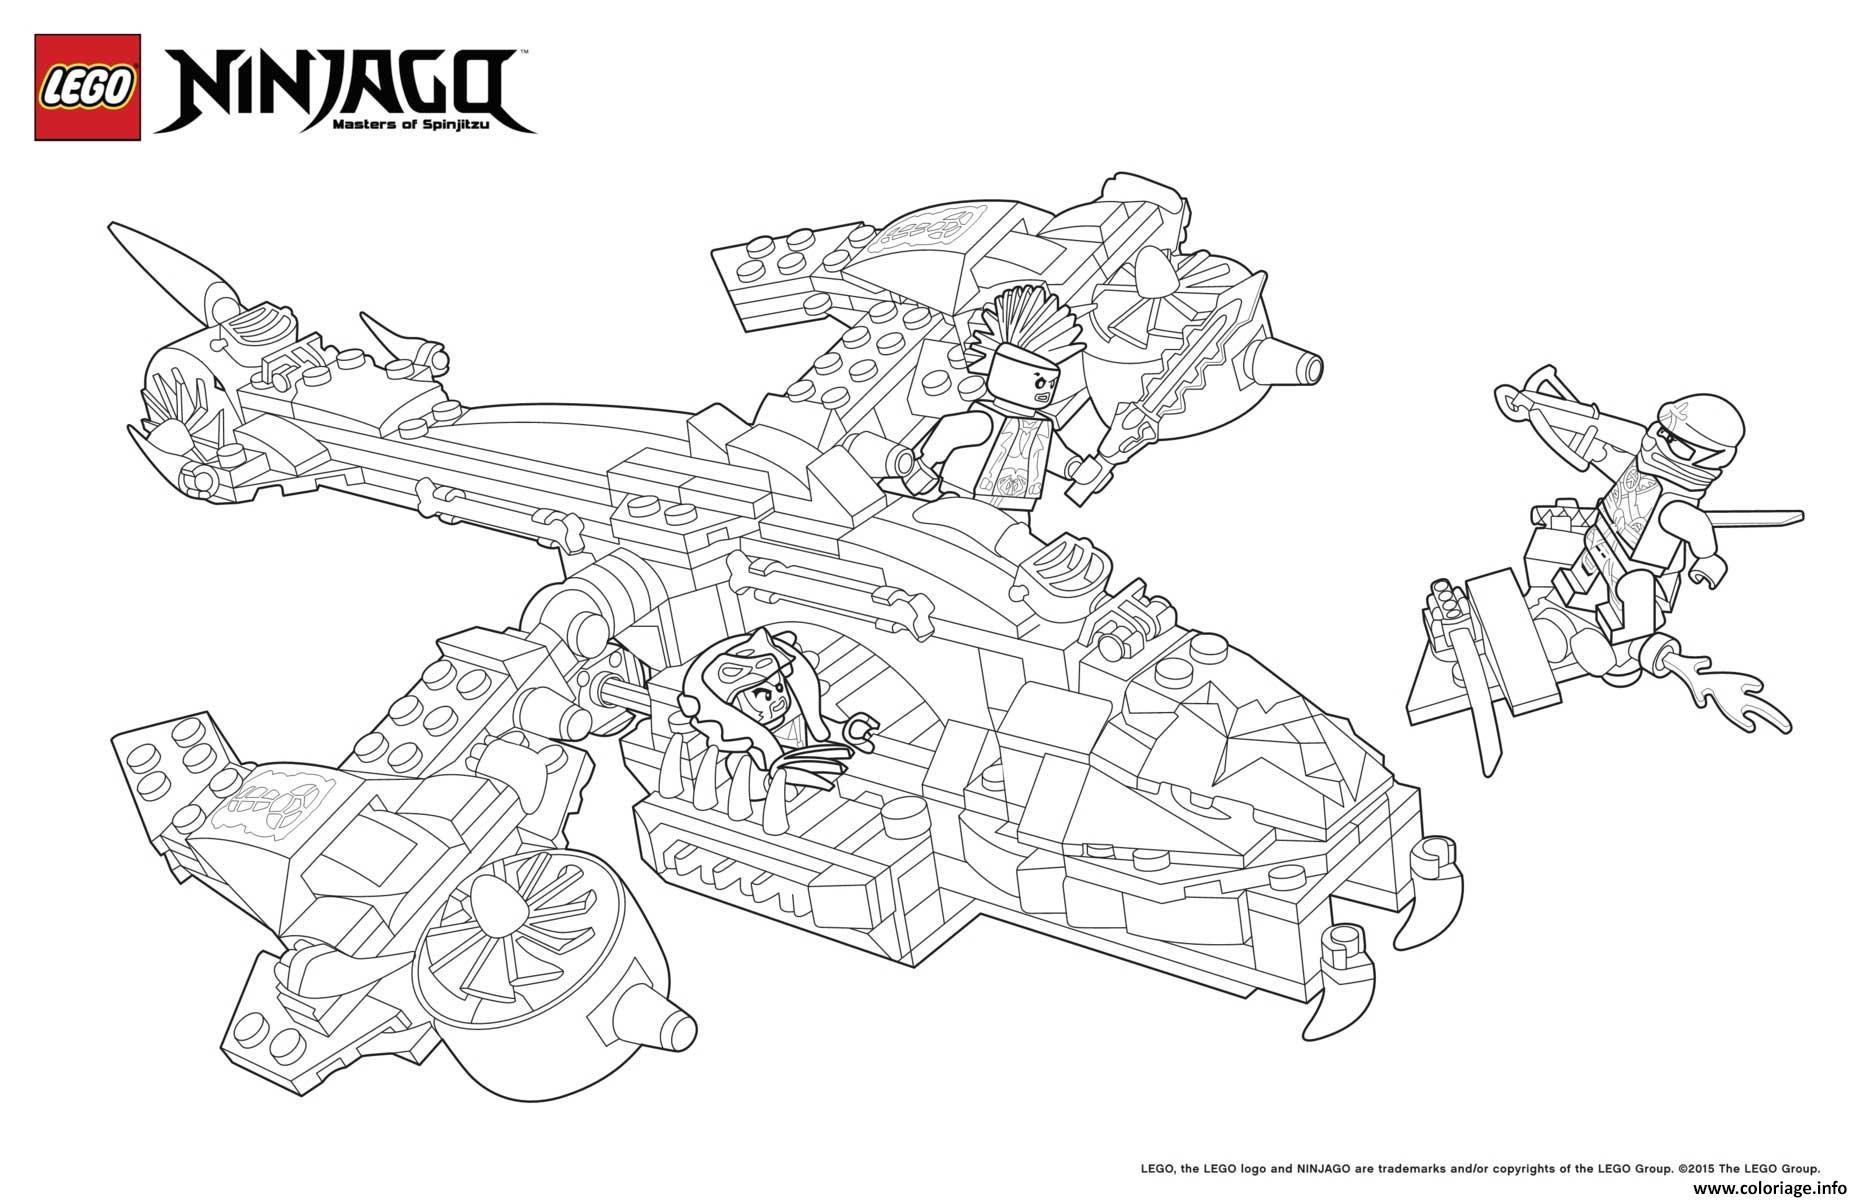 Coloriage ninjago lego avion de chasse dessin - Avion en dessin ...